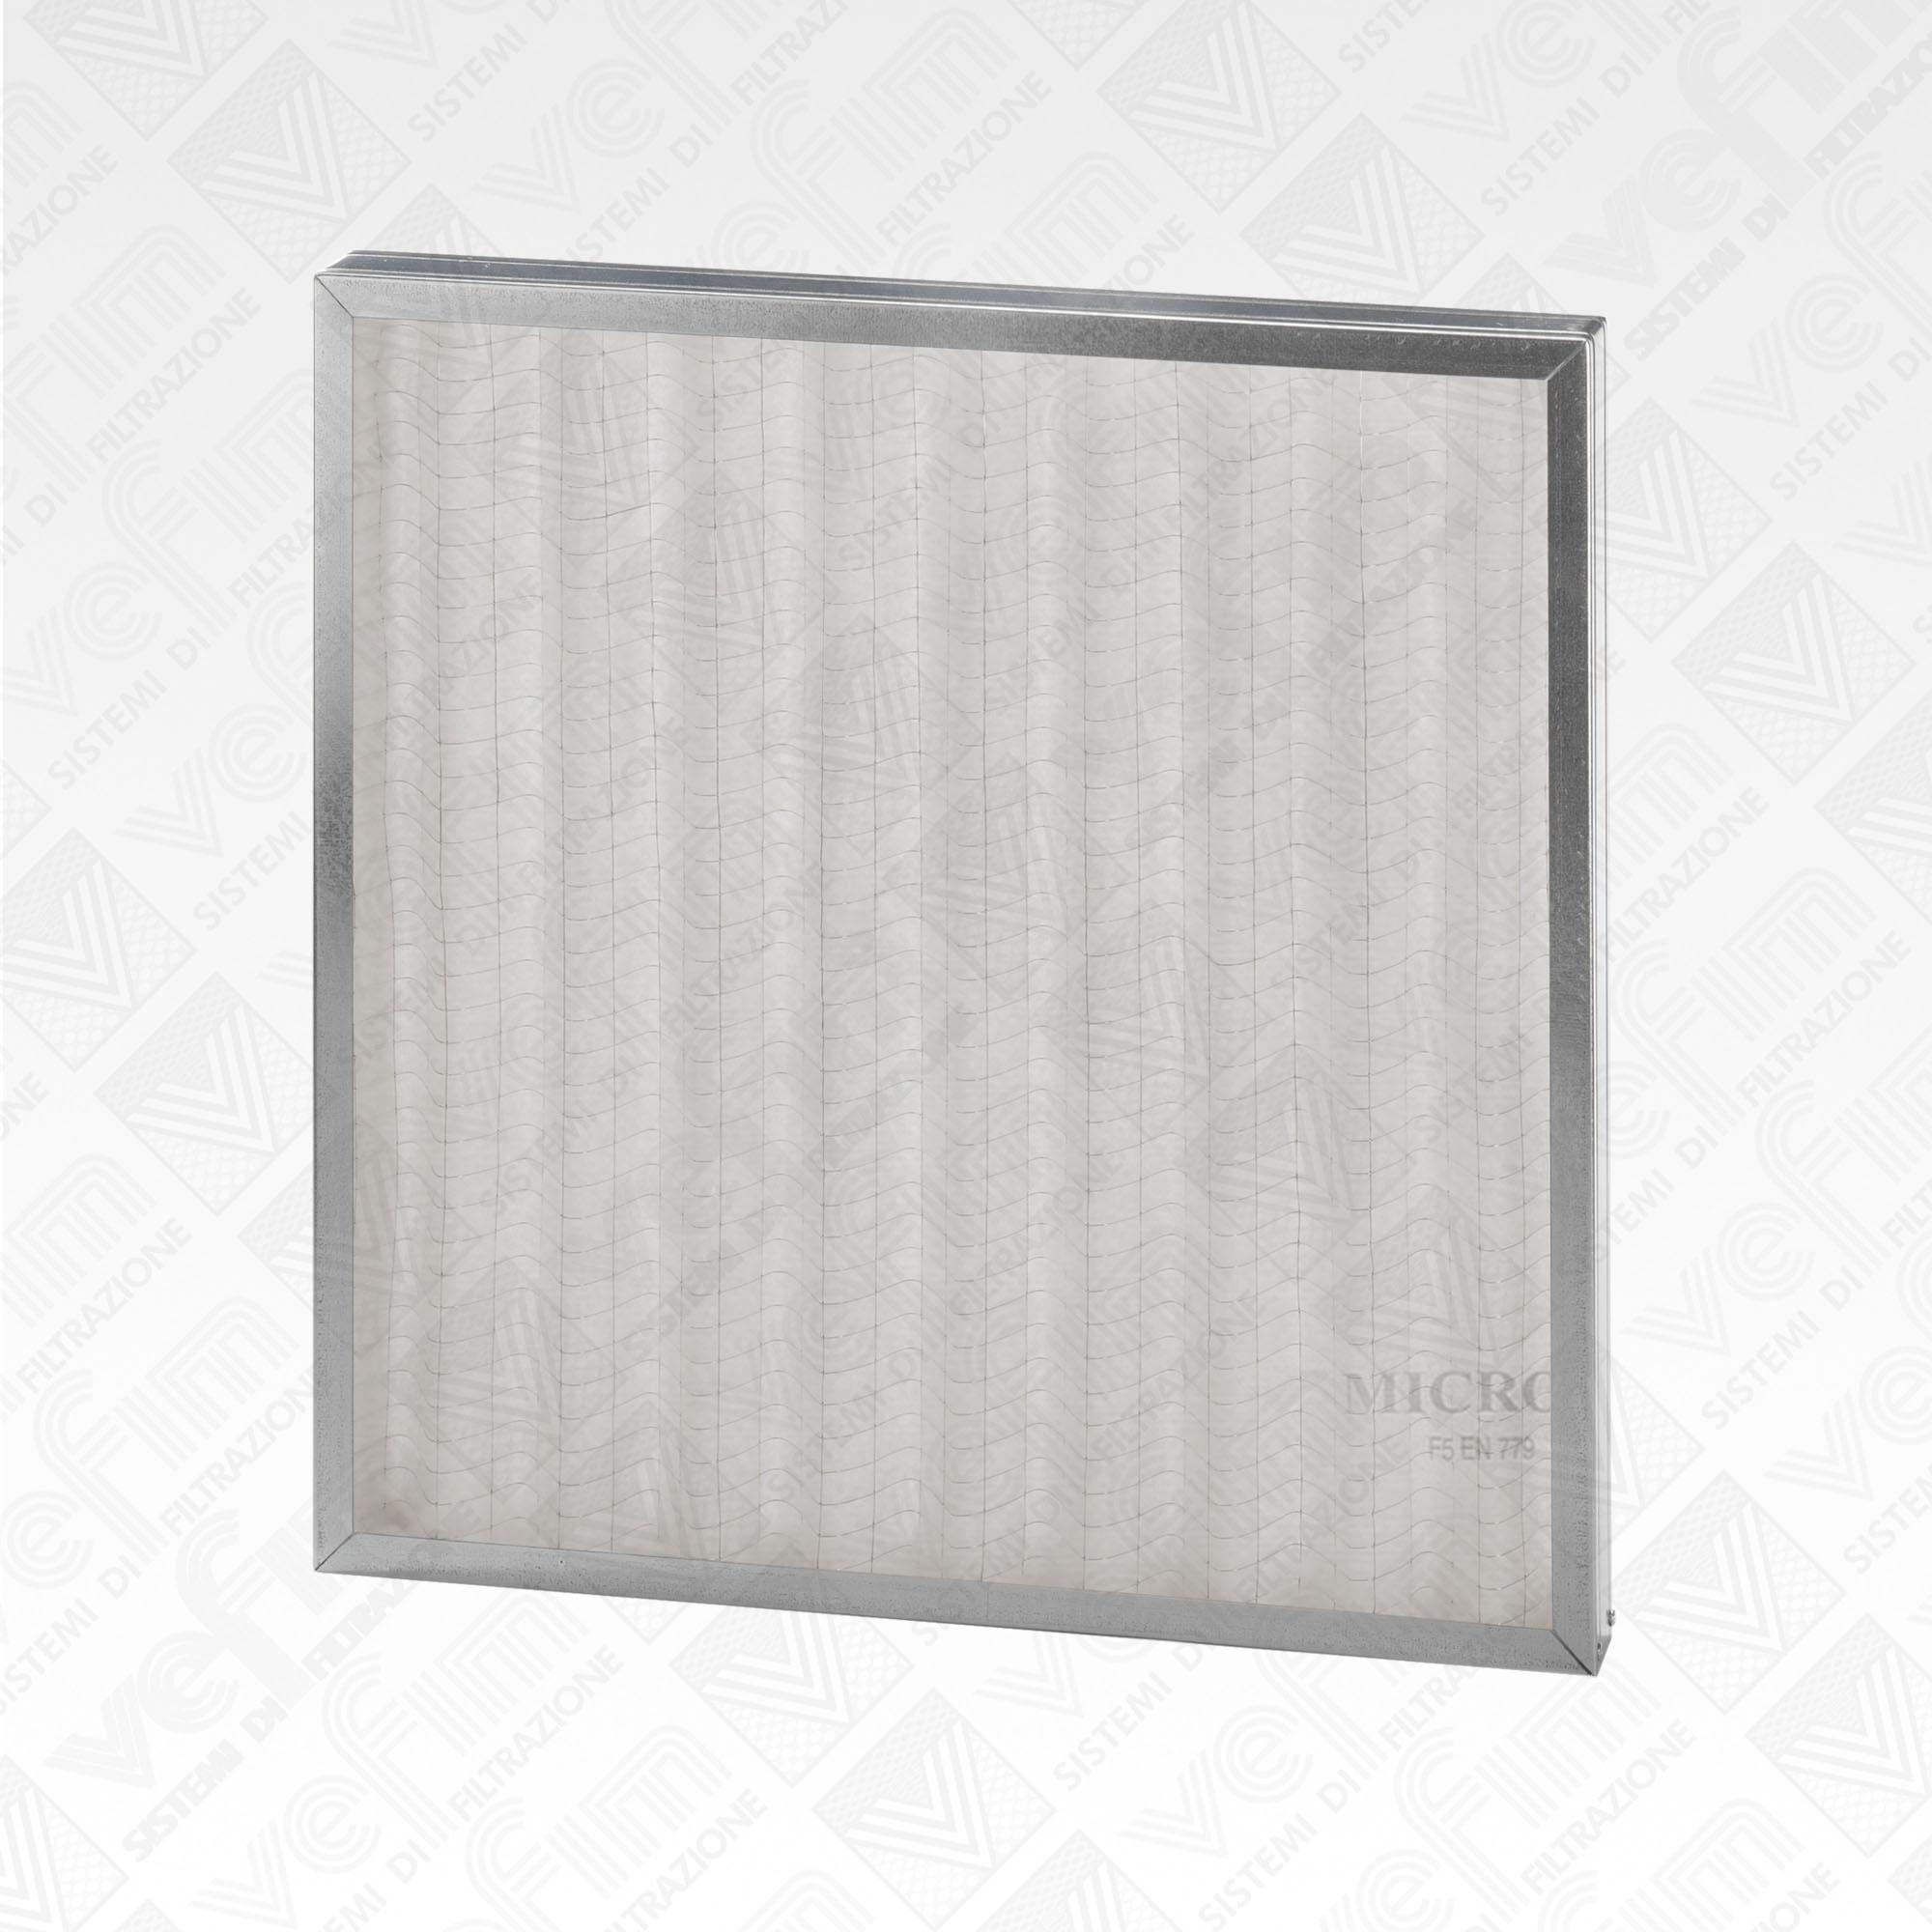 Vefim filtri cielo cabina m5 sistemi di filtrazione for Filtro per cabina di fusione ford